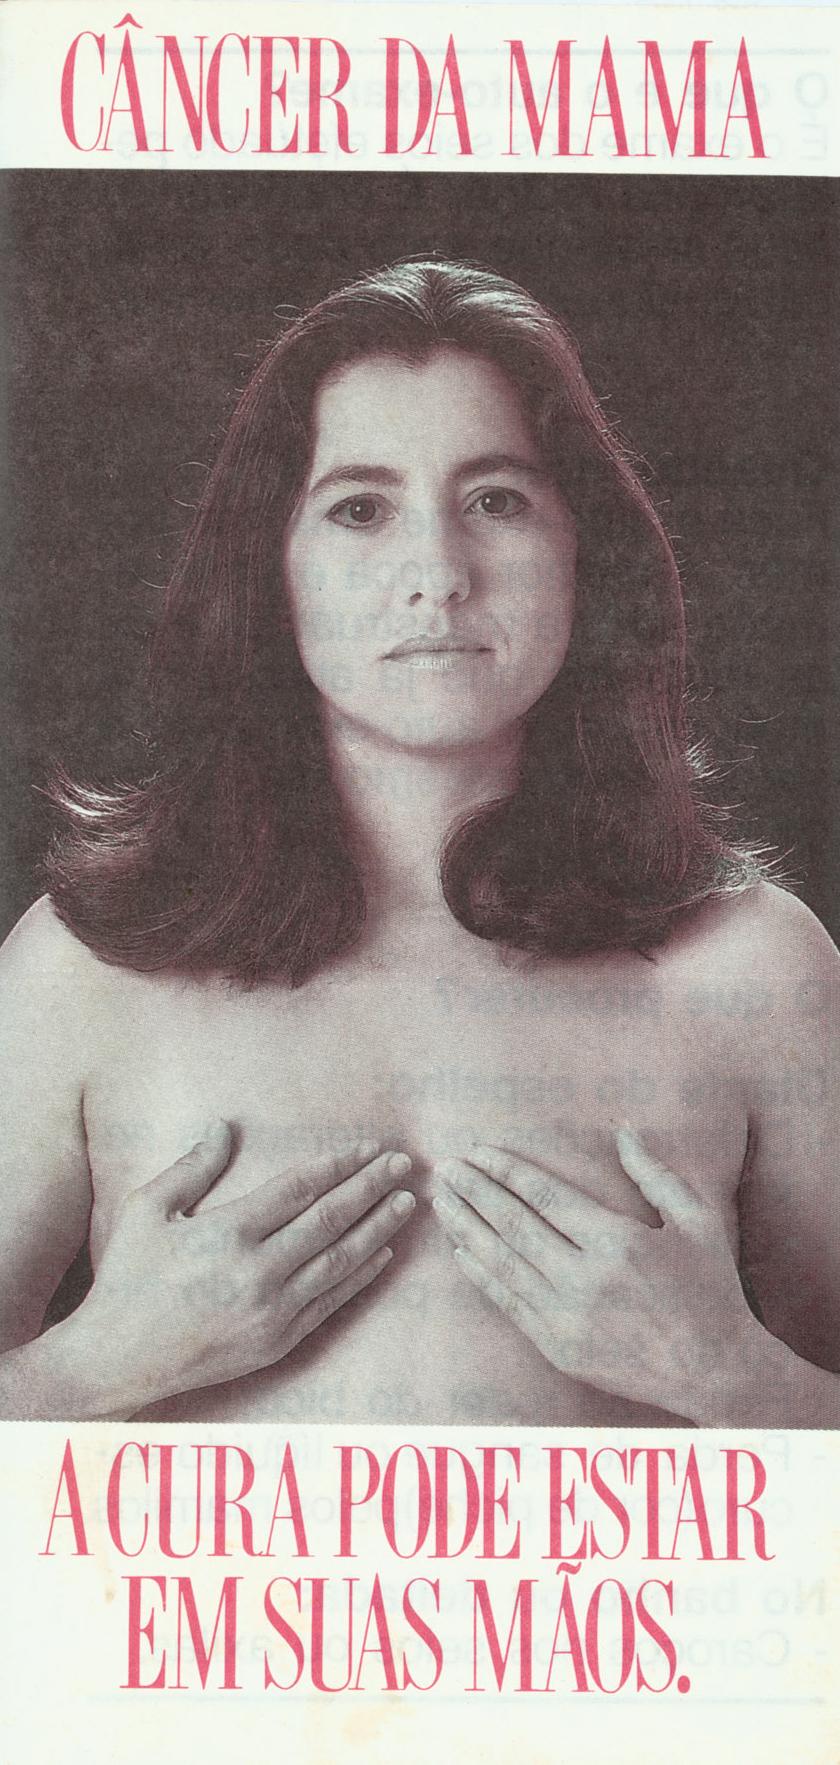 Em sentido horário: aos 31 anos e de peito aberto, 1989